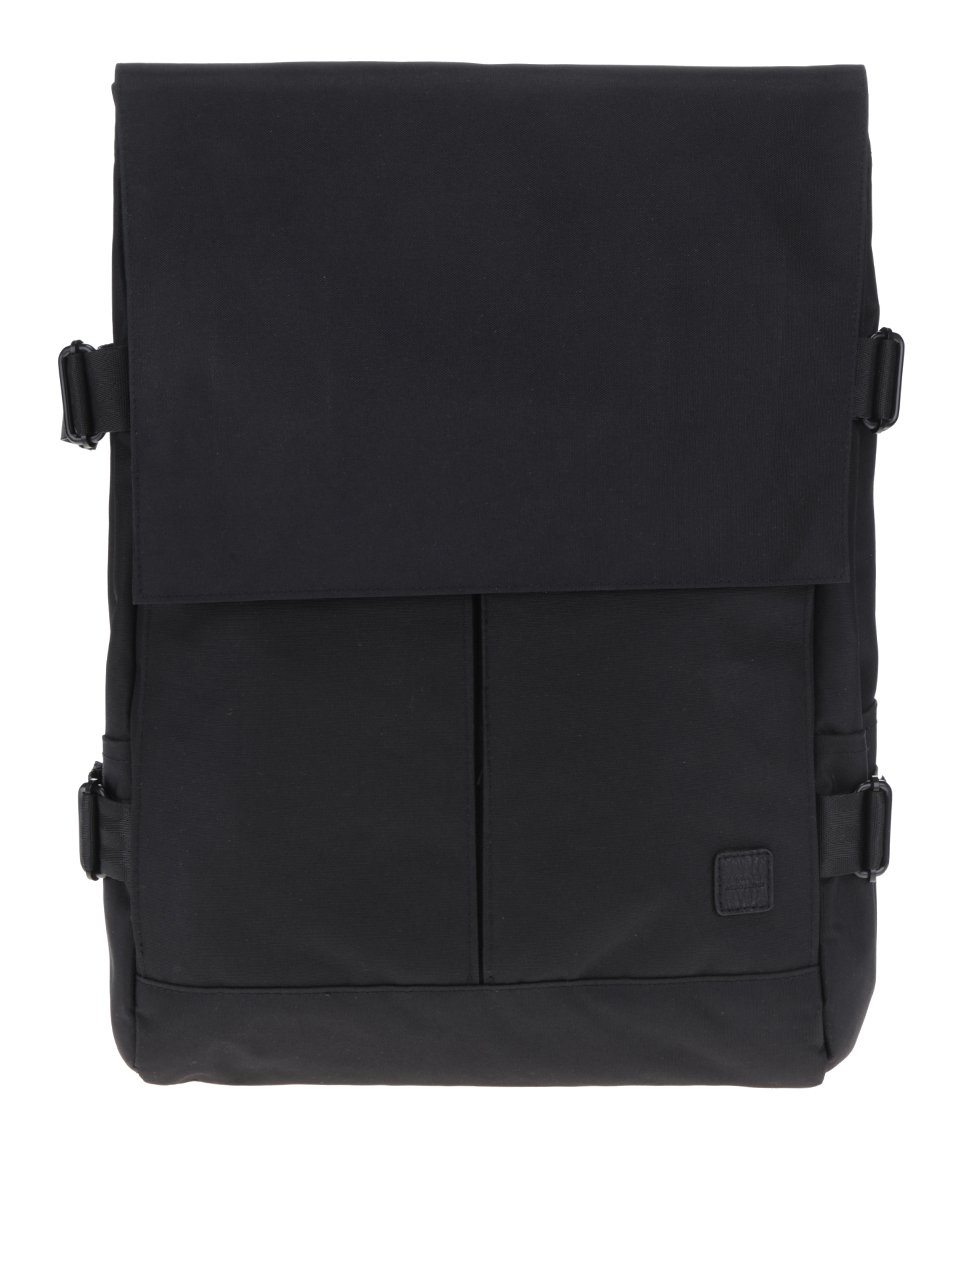 Černý voděodolný unisex batoh Ucon Eames Waterproof